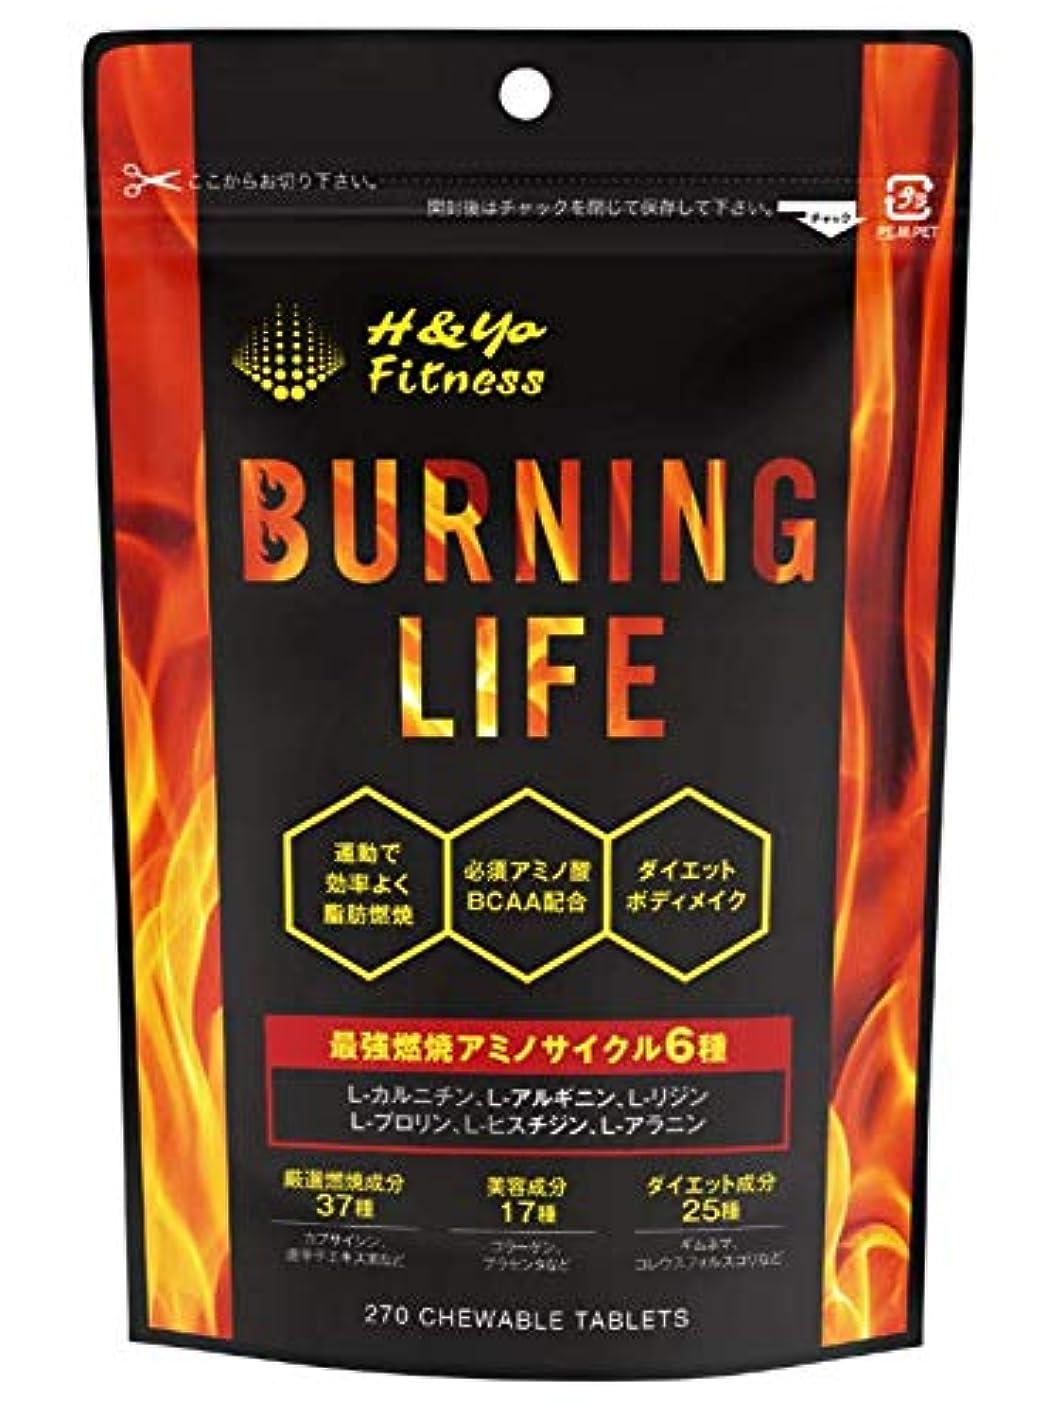 インゲン報奨金超音速BURNING LIFE 燃焼系ダイエットサプリ L-カルニチン 必須アミノ酸BCAA配合 運動時の燃焼を強力サポート 270粒 (1か月分)